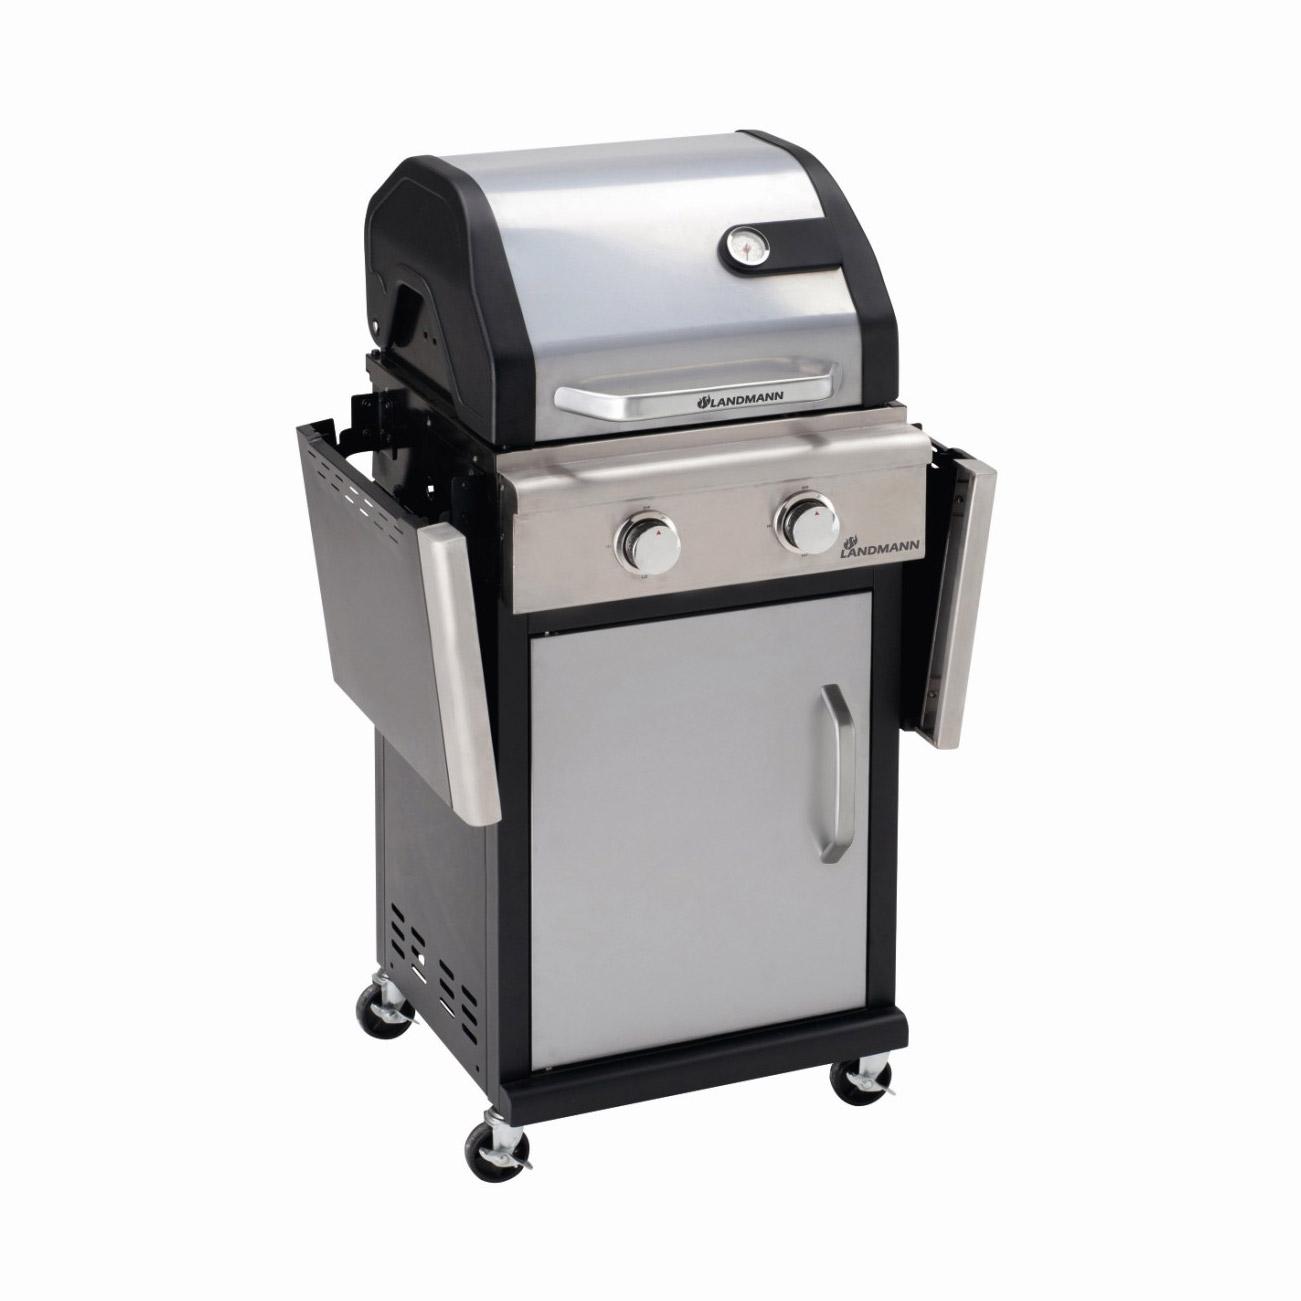 landmann triton - barbecue à gaz 2 feux sur chariot - comparer avec